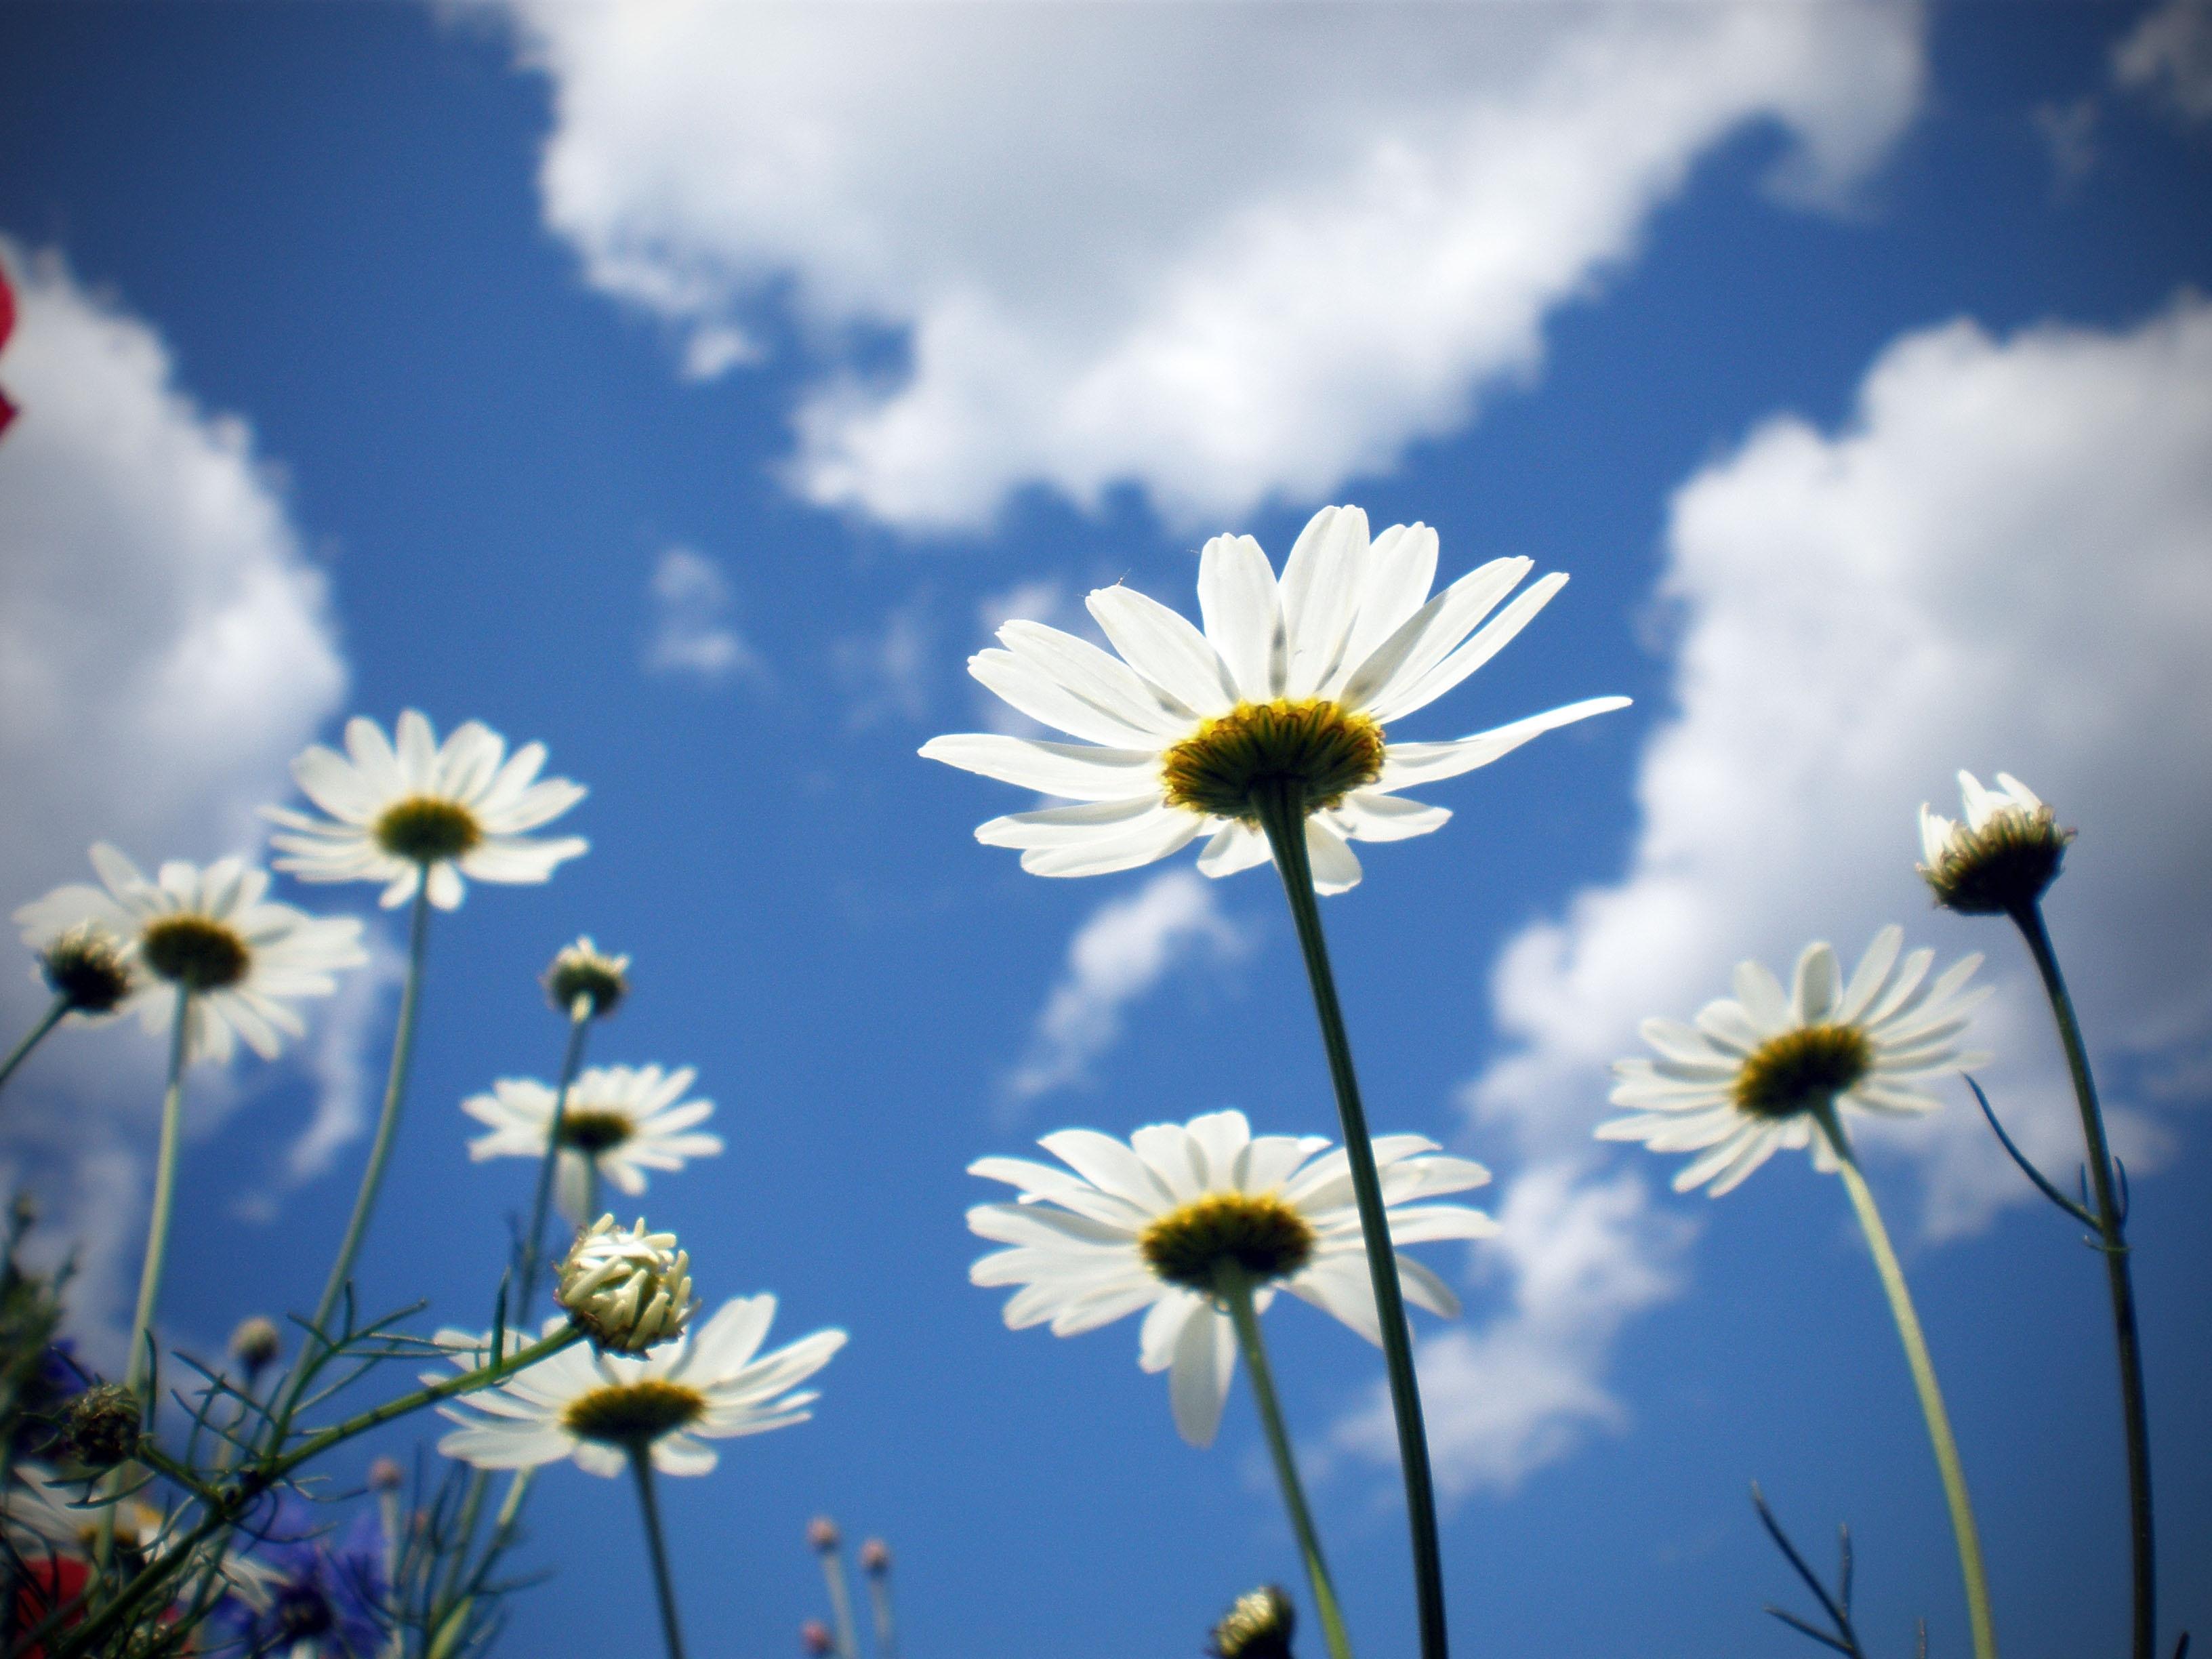 97639 скачать обои Цветы, Ромашки, Поле, Небо, Облака, Ясно, Солнечно - заставки и картинки бесплатно